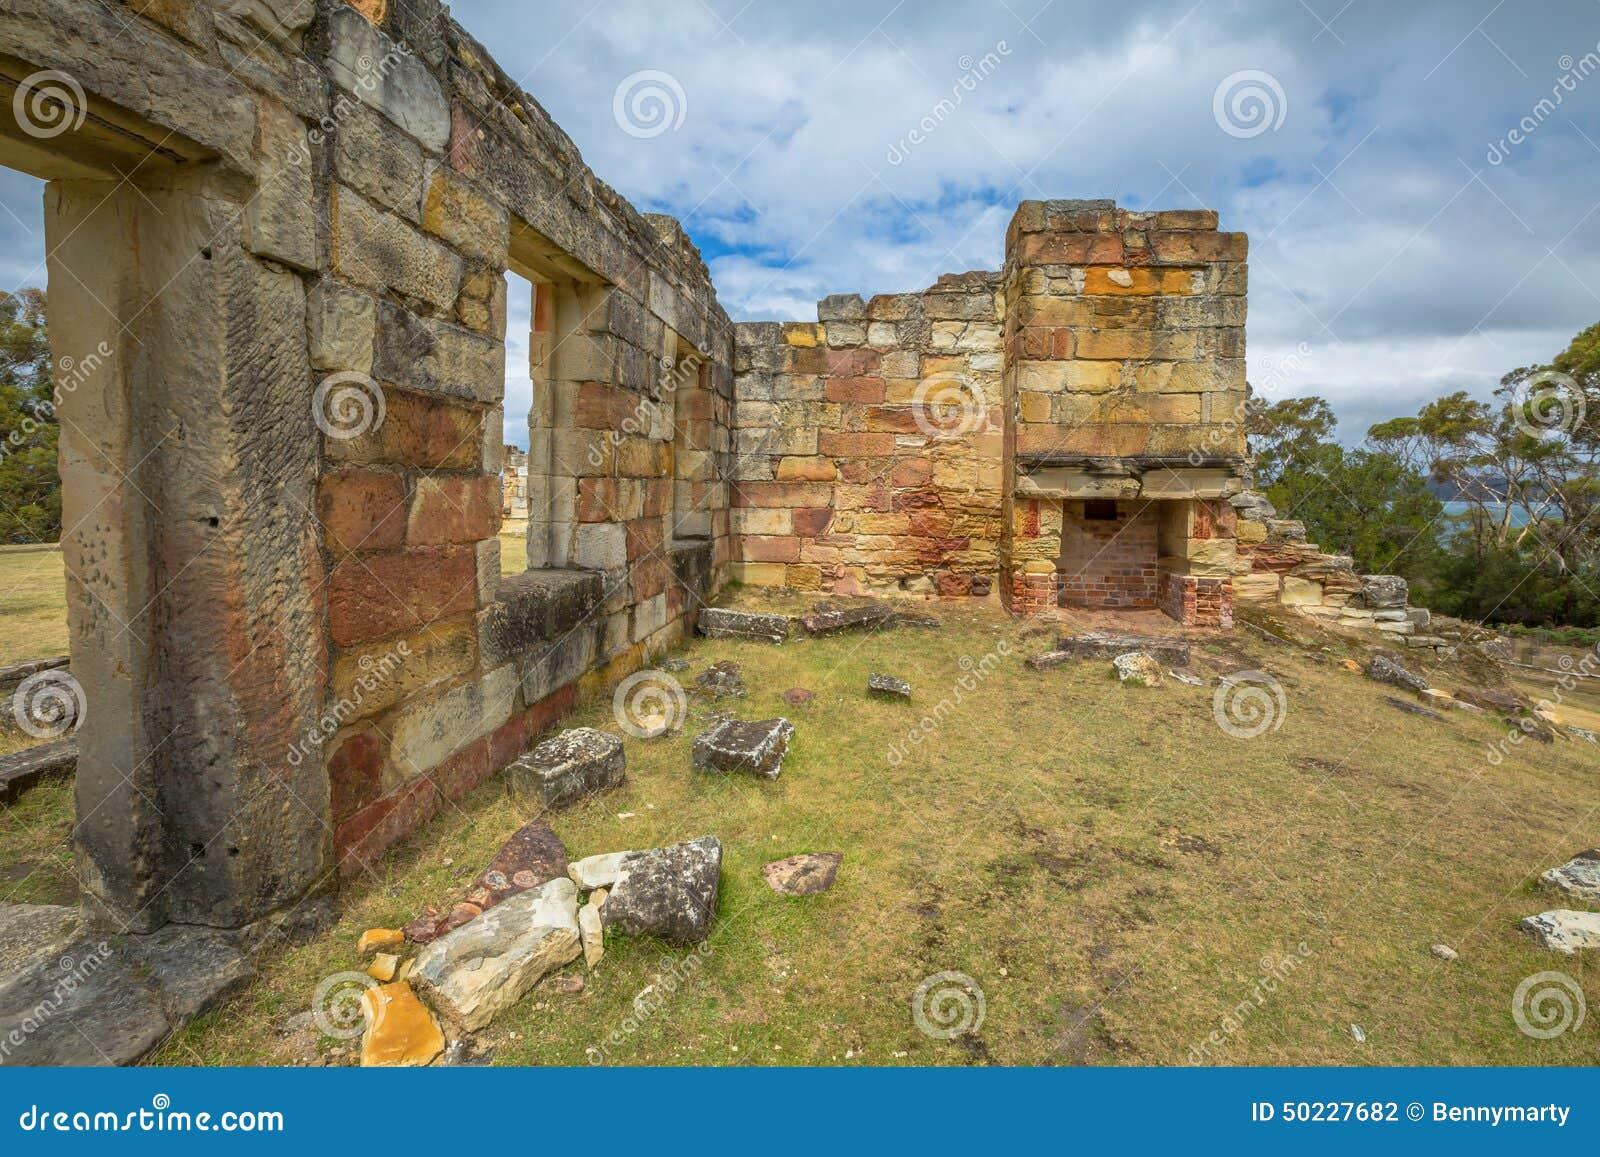 Miniere di carbone sito storico, Tasmania